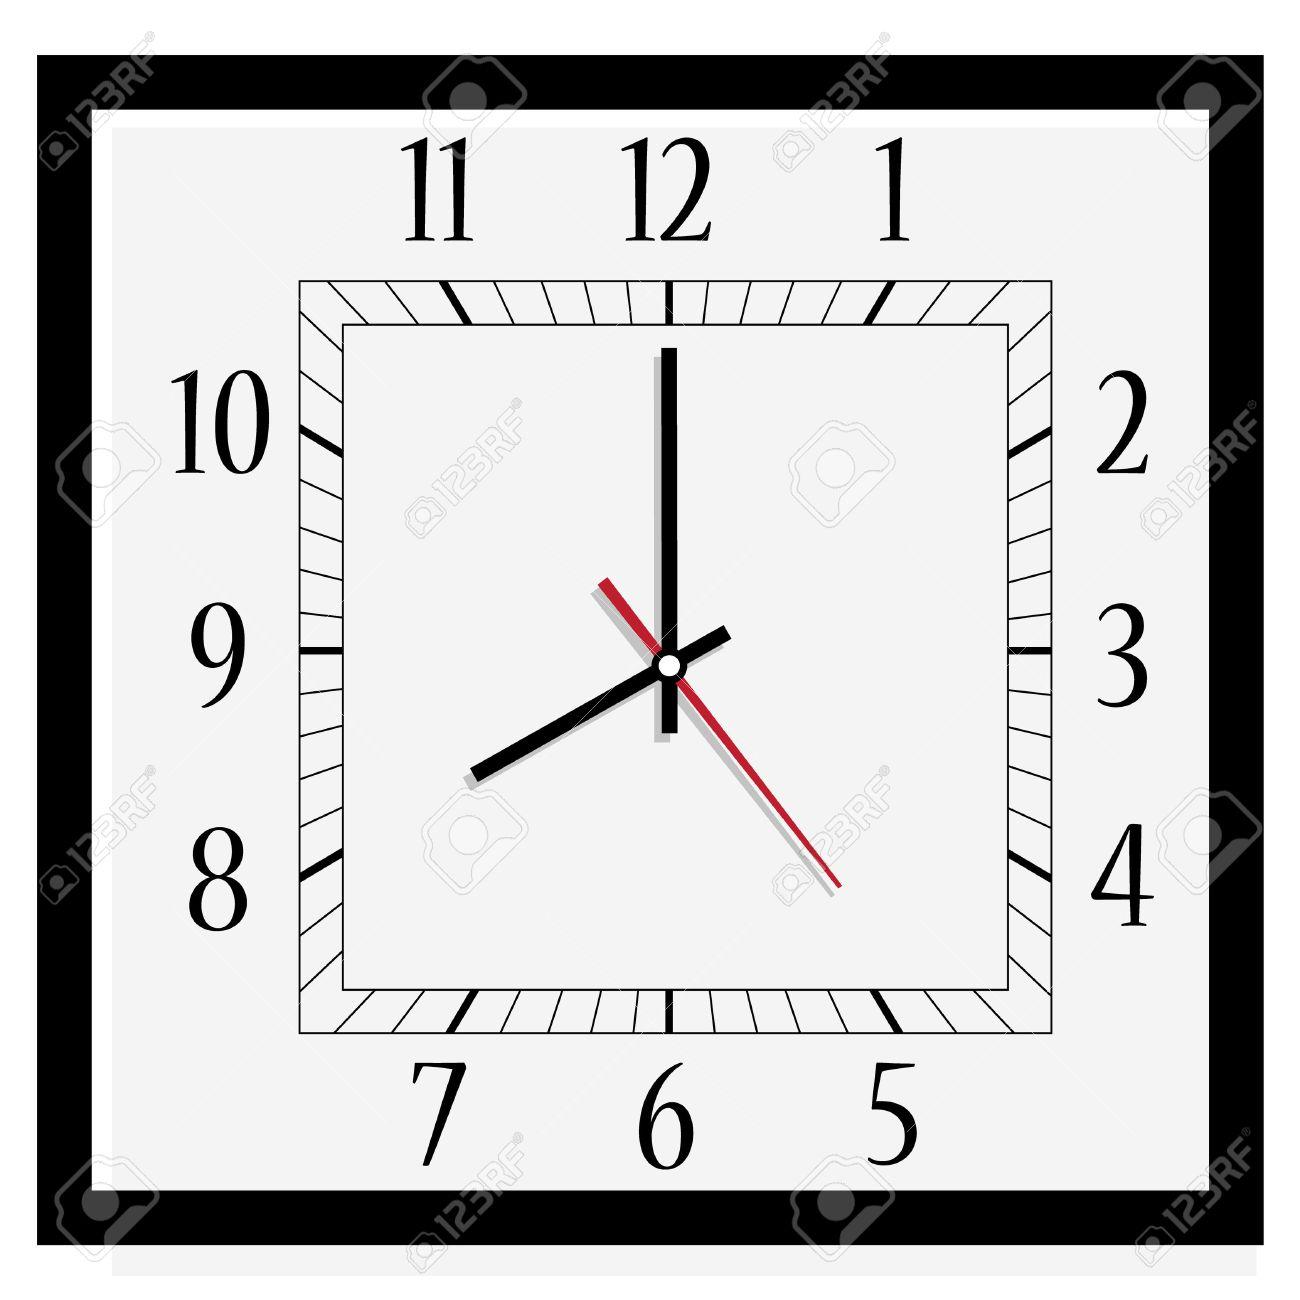 Aislado De CuadradoClásico Raster BlancoMuestra Reloj En La Oficina Negro Pared Ilustración Y Ocho Blanco BedoWrCx